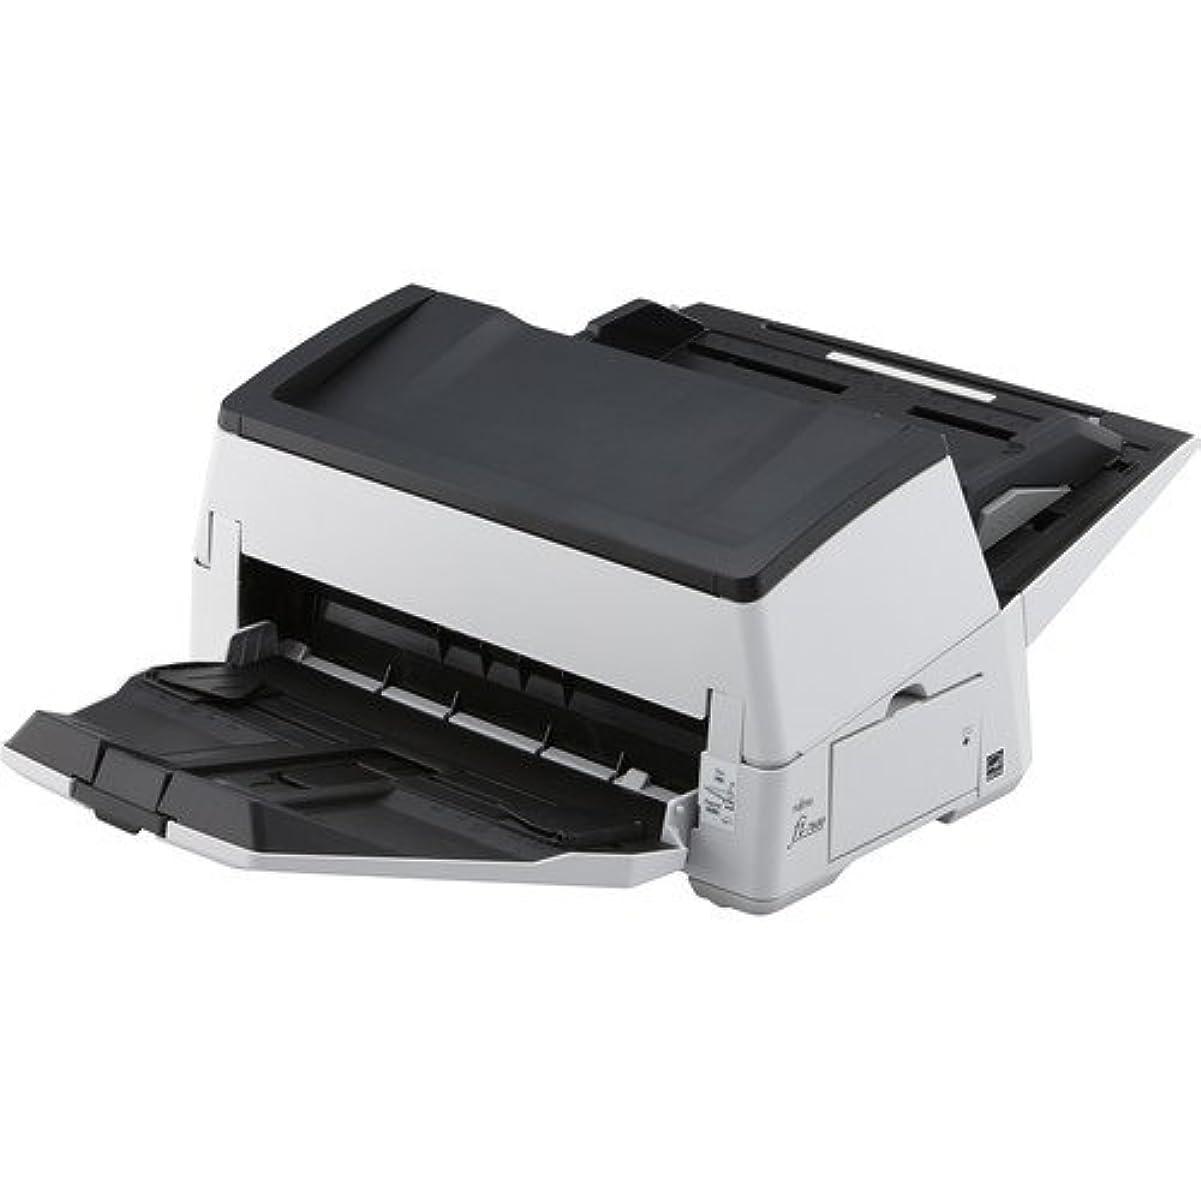 記念日若いこっそりFujitsu fi-7600 - Document scanner - Duplex - 12 in x 17 in - 600 dpi x 600 dpi - up to 100 ppm (mono) / up to 100 ppm (color) - ADF (300 sheets) - up to 30000 scans per day - USB 3.1 Gen 1